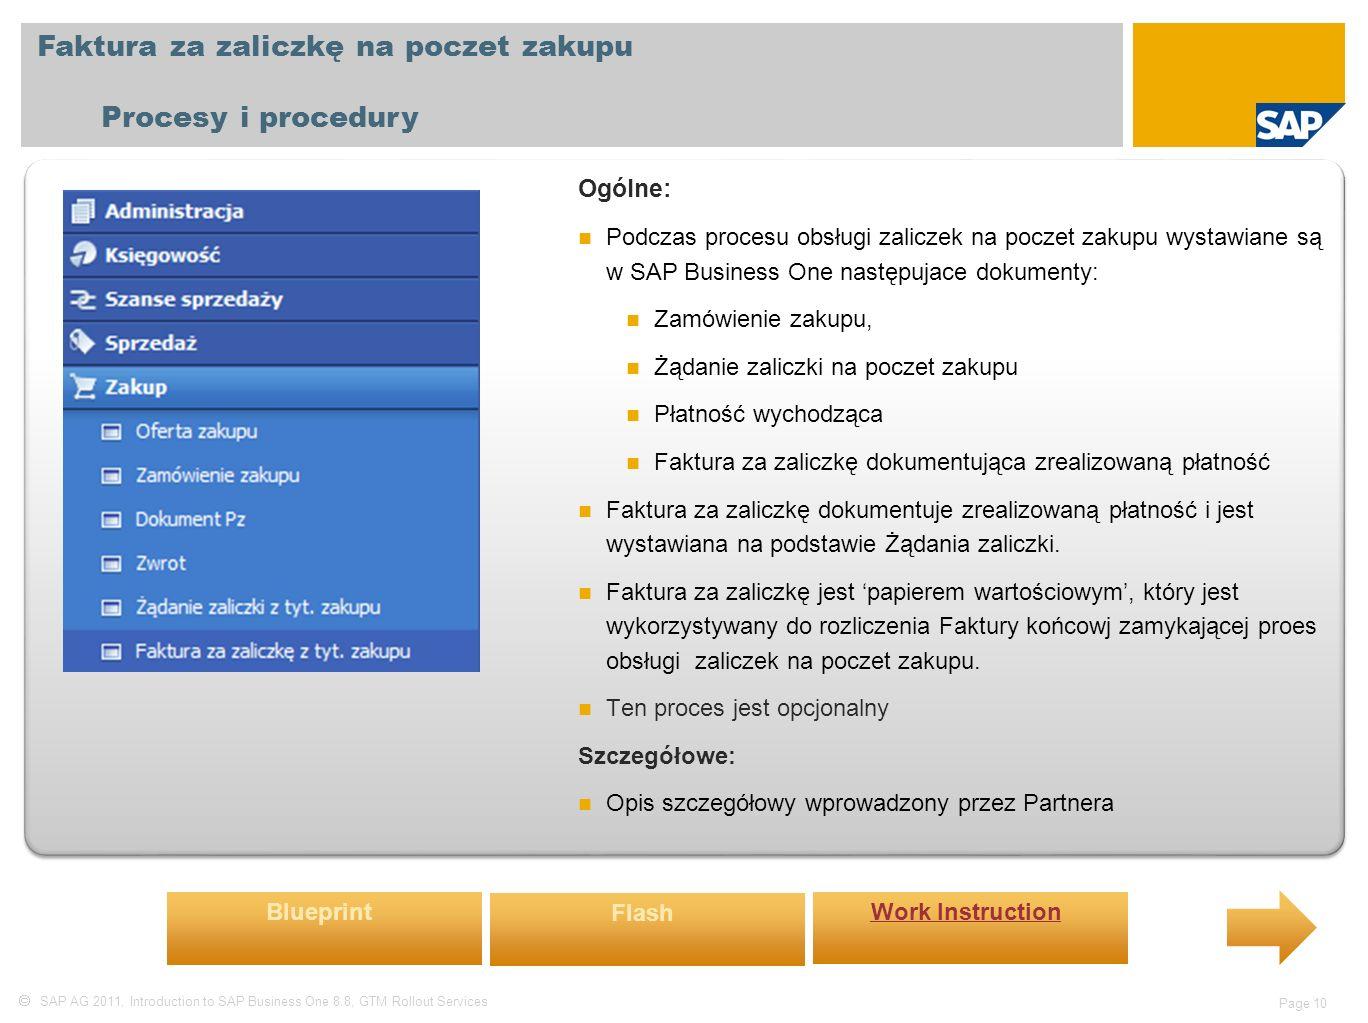  SAP AG 2011, Introduction to SAP Business One 8.8, GTM Rollout Services Page 10 Faktura za zaliczkę na poczet zakupu Procesy i procedury Ogólne: Pod